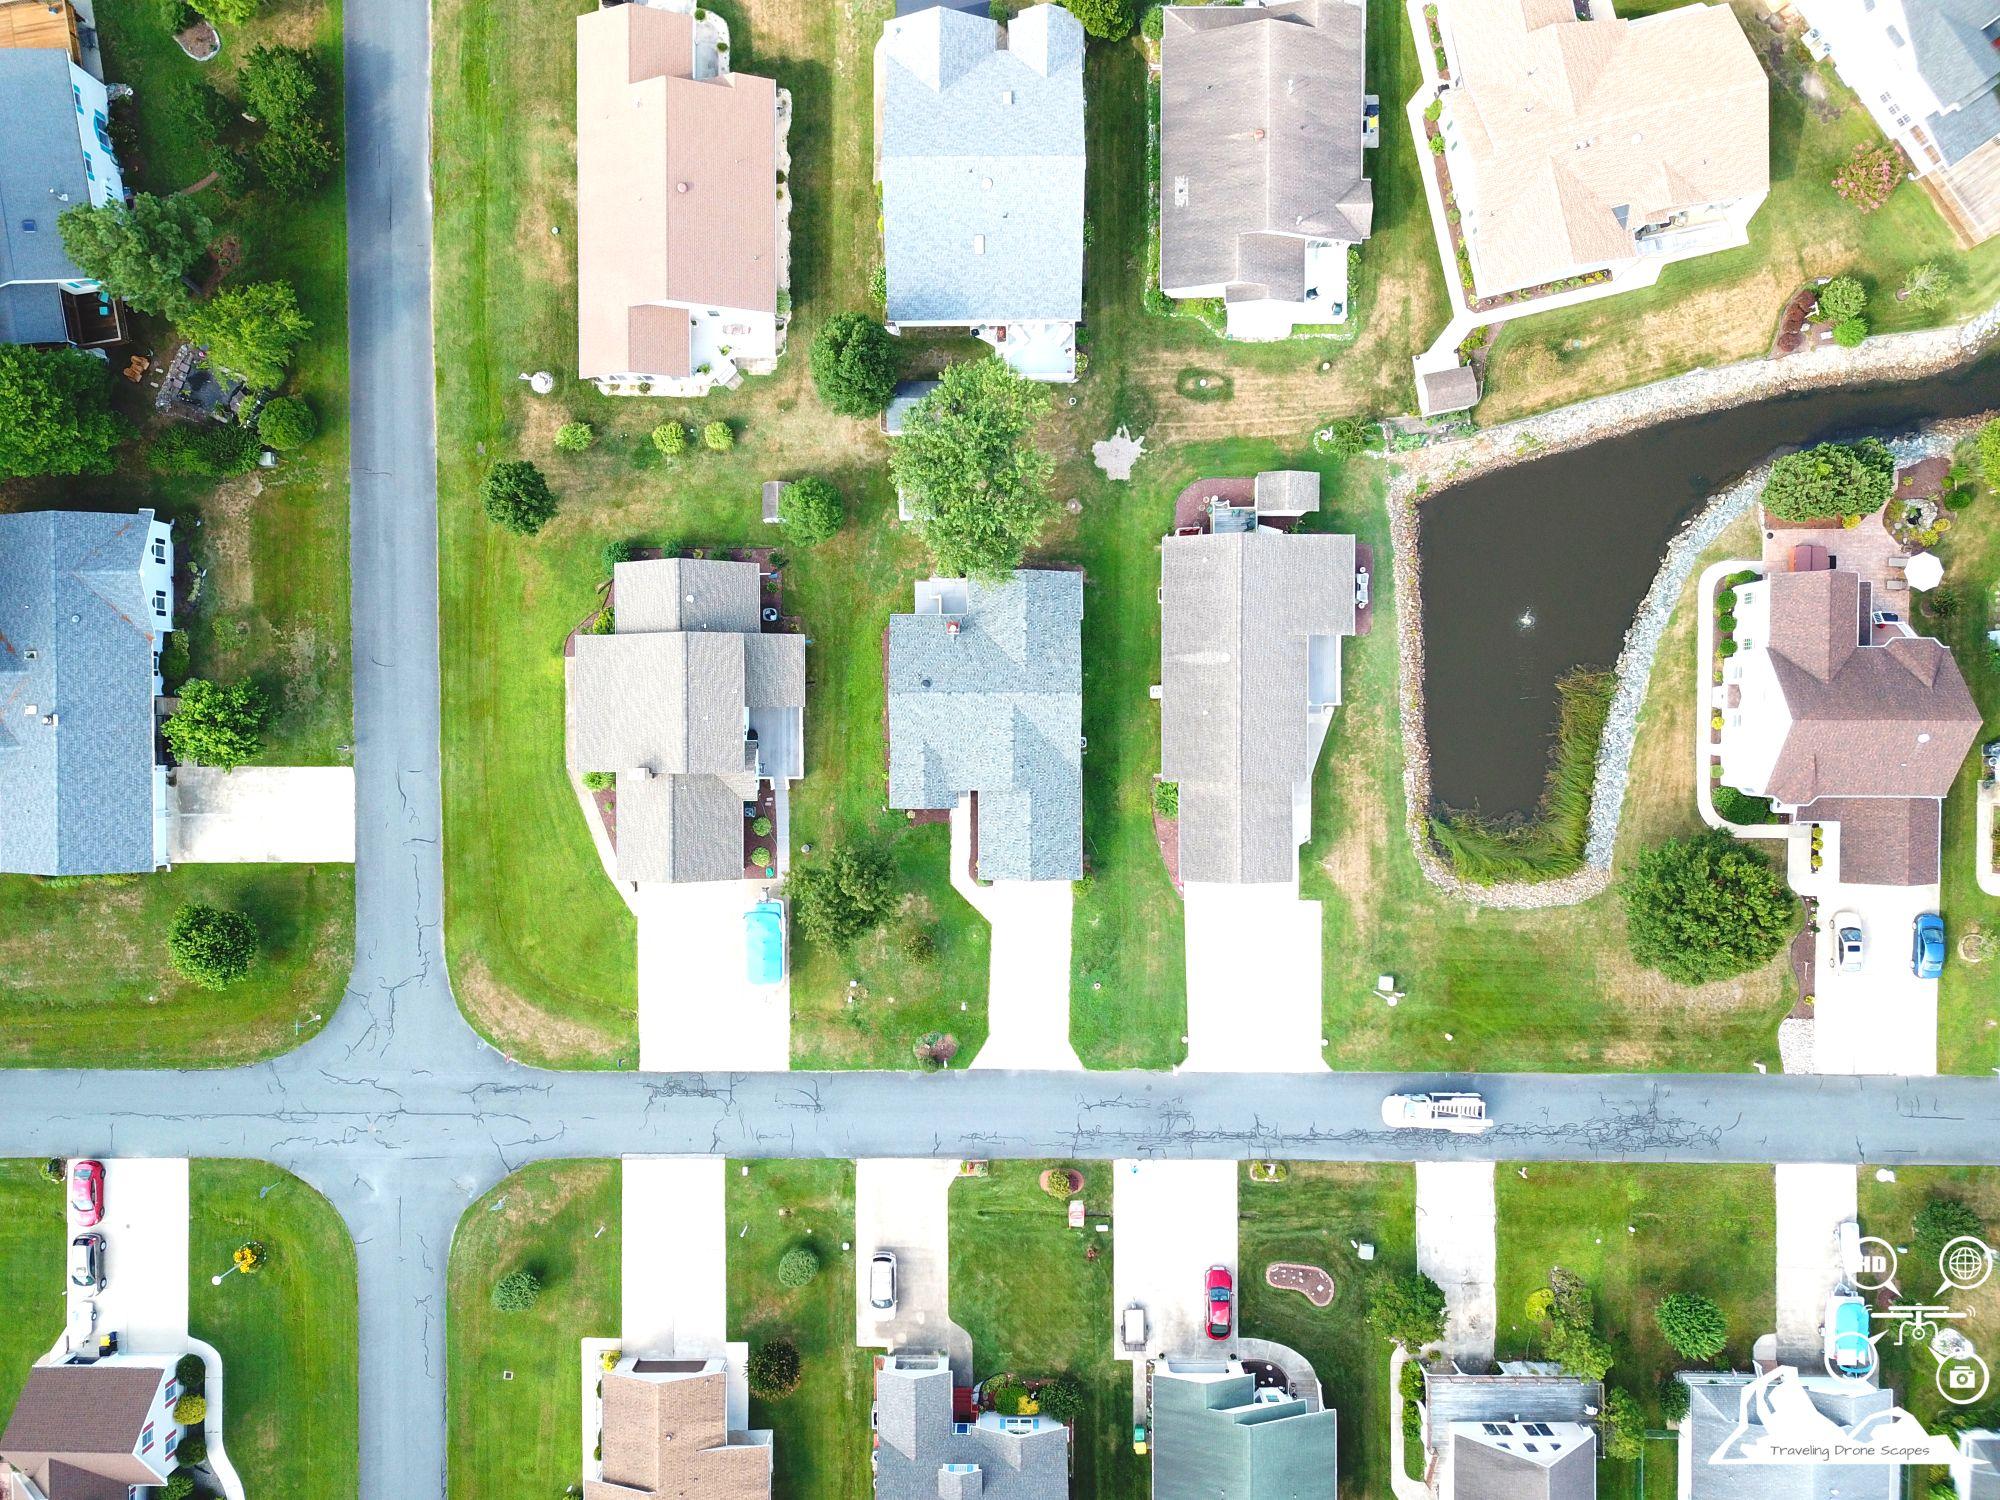 residential-community-delaware